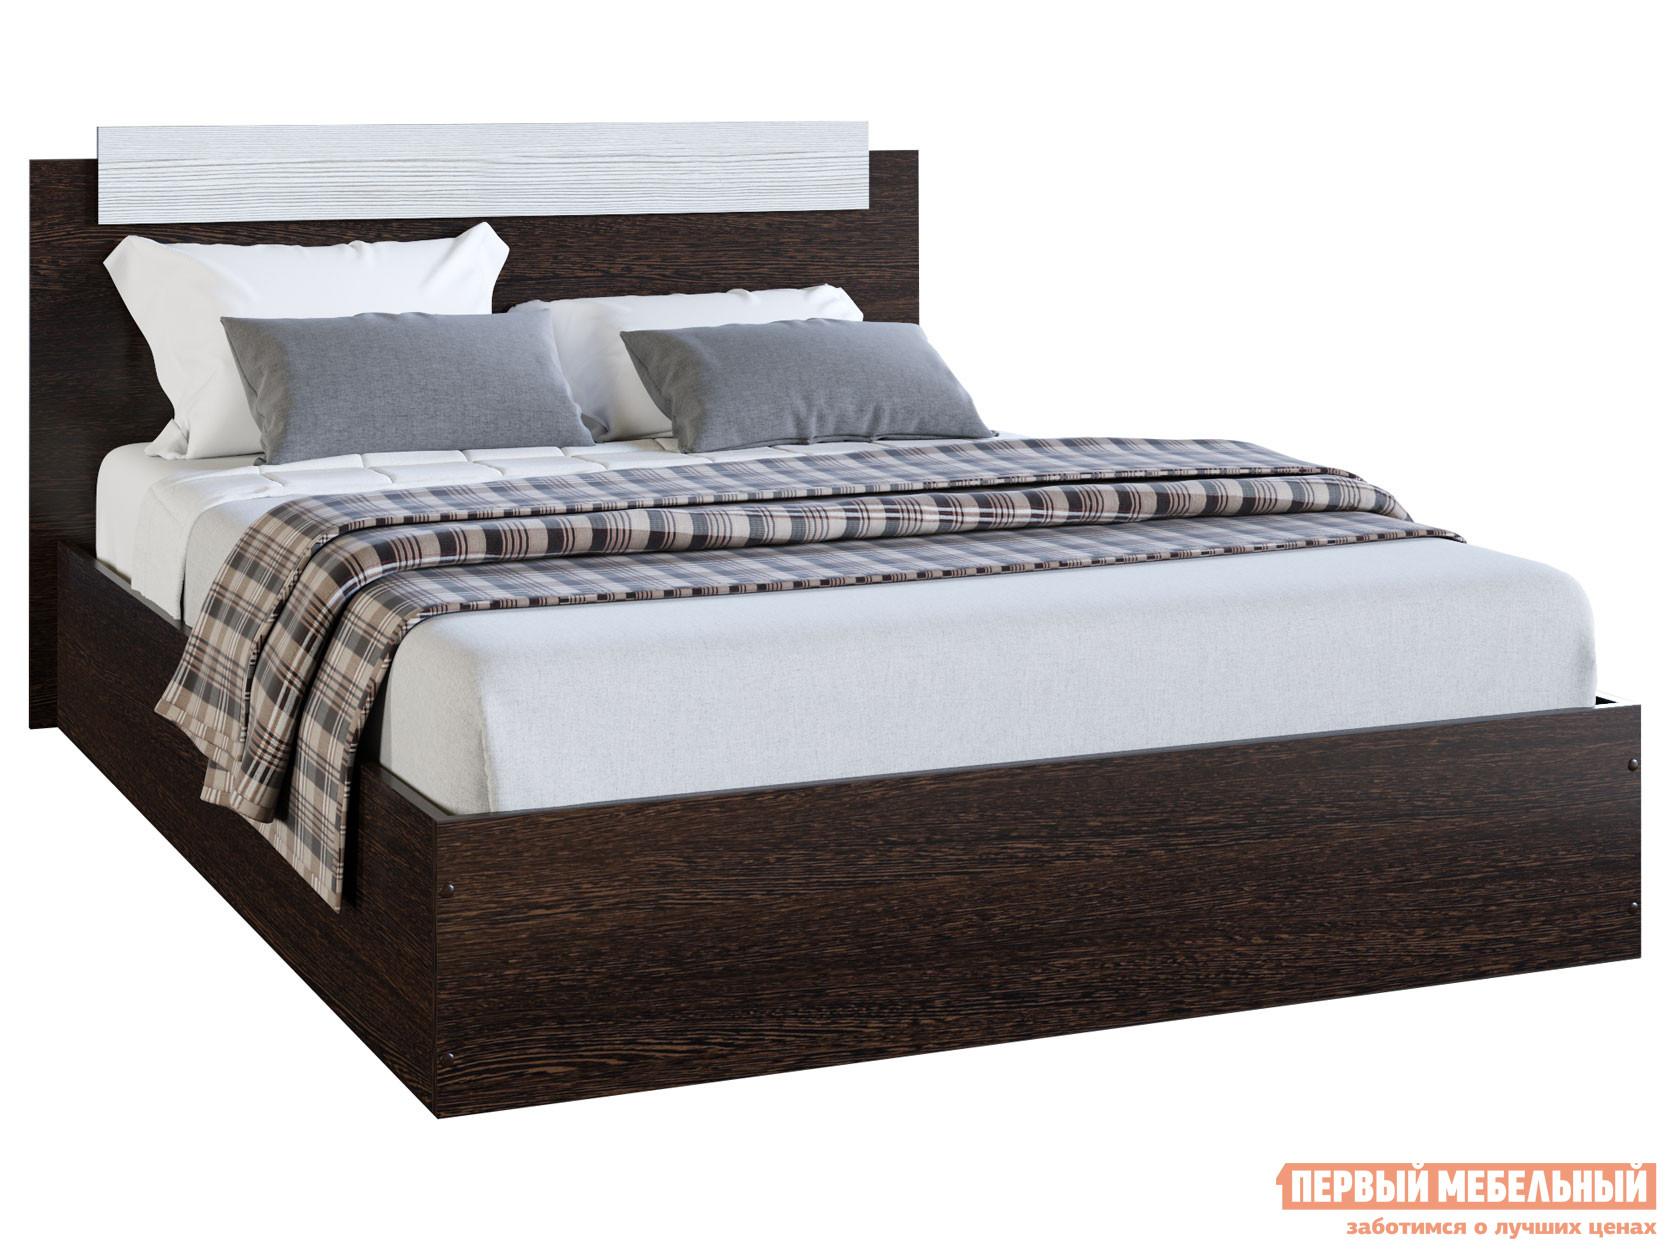 Двуспальная кровать  Кровать Эко Венге / Лоредо, 1400 Х 2000 мм — Кровать Эко Венге / Лоредо, 1400 Х 2000 мм